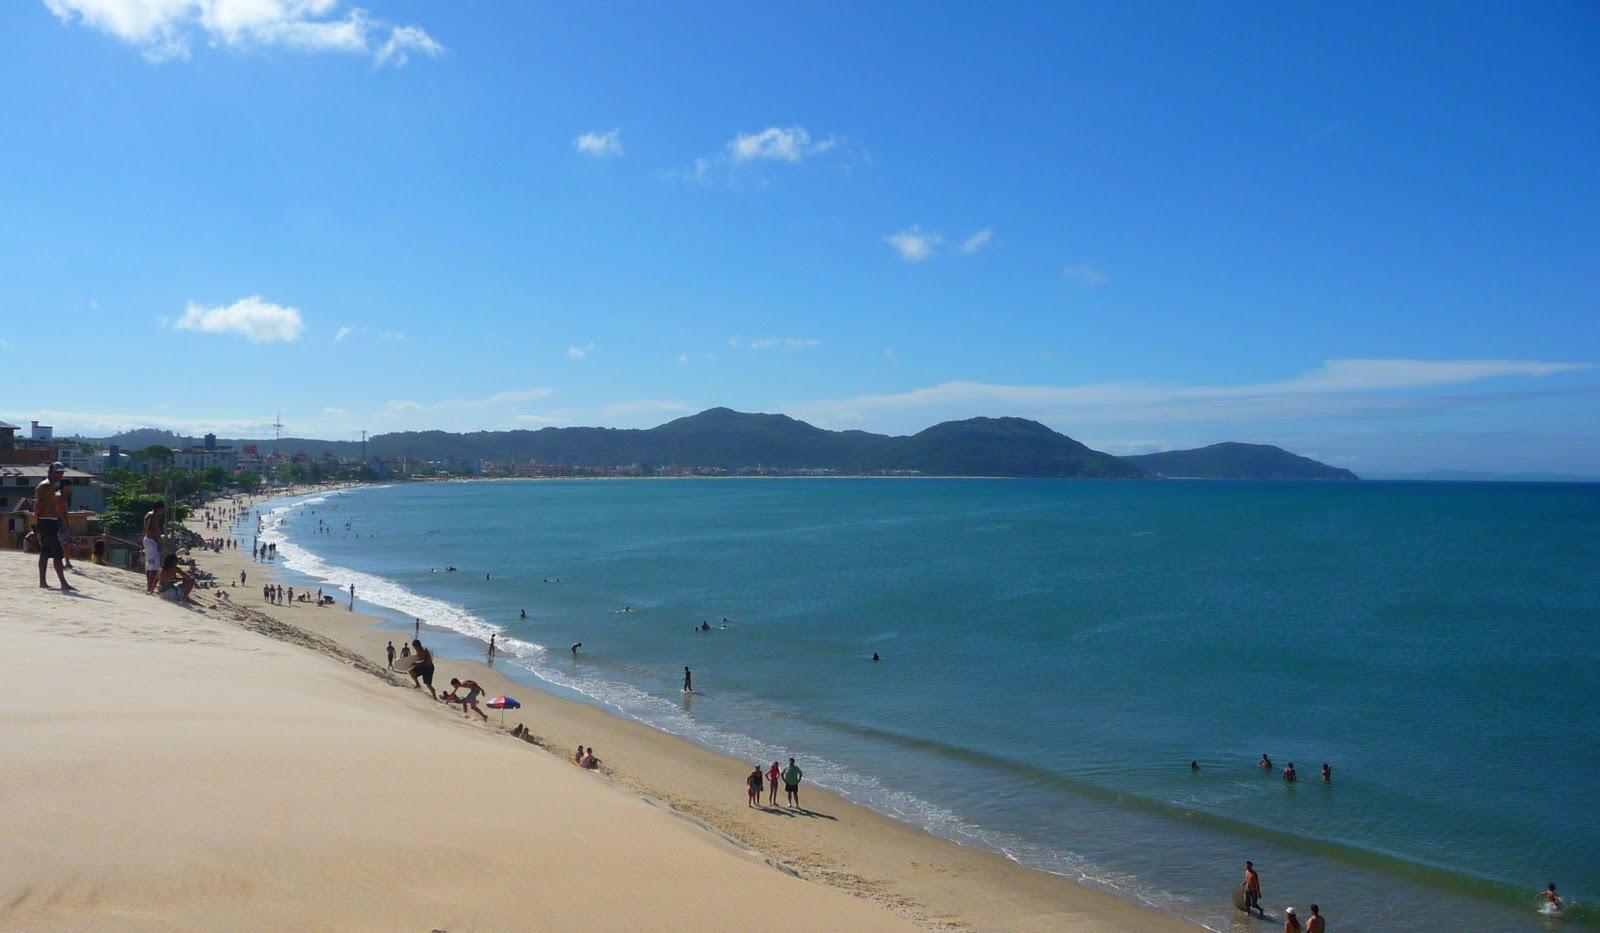 Praia-dos-Ingleses